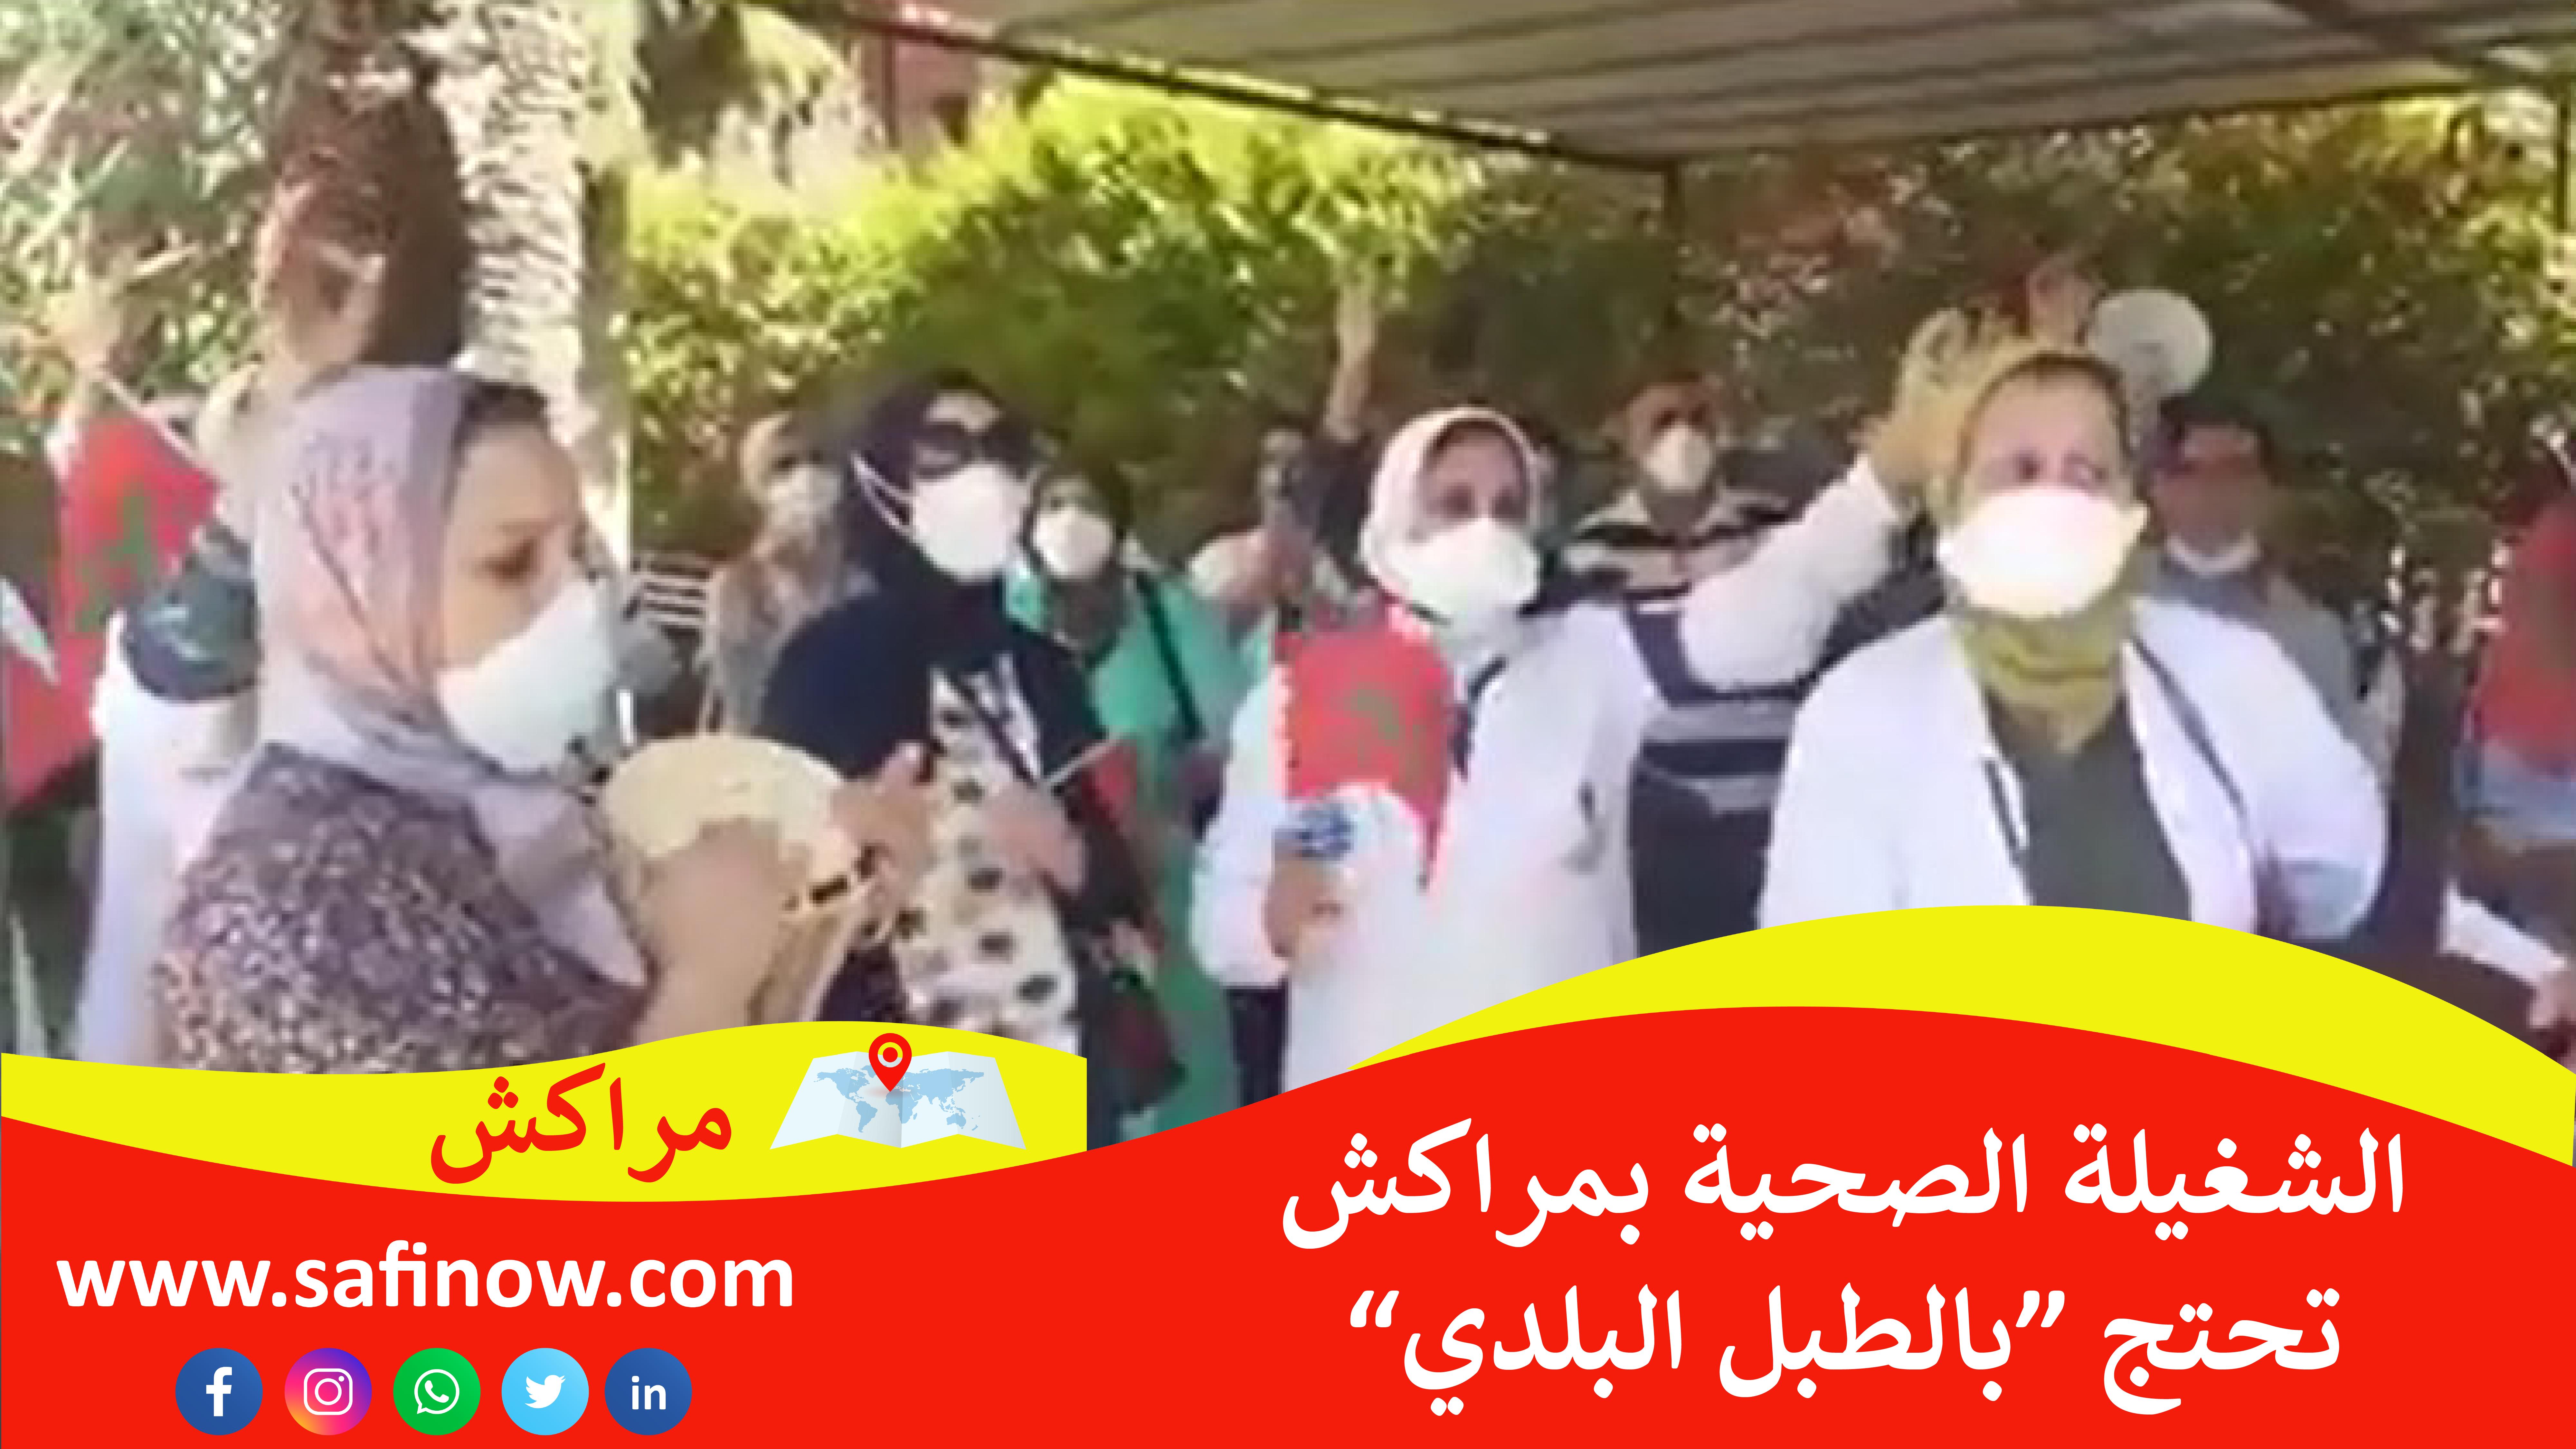 """فيديو: الشغيلة الصحية بمراكش تحتج """"بالطبل البلدي"""" على دعم الفنانين"""